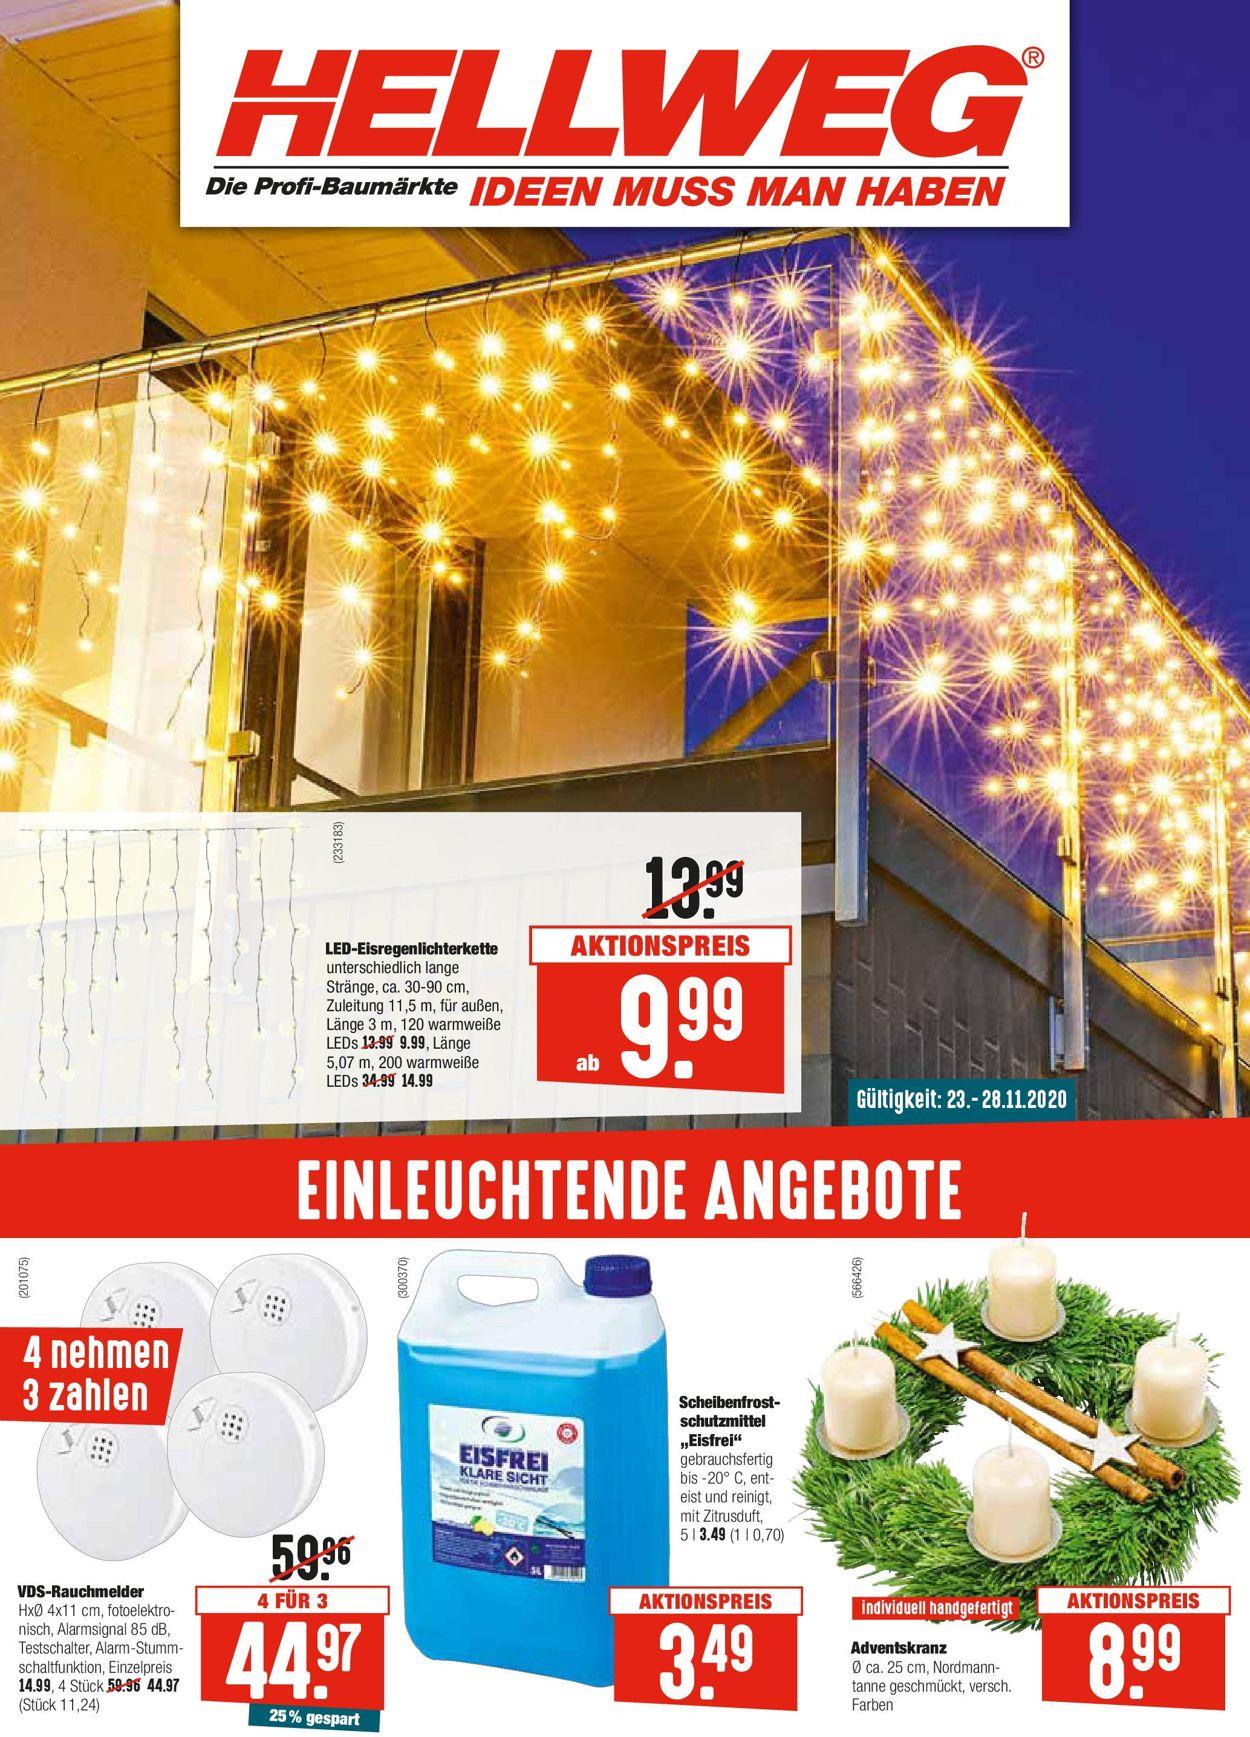 Hellweg Weihnachtsprospekt 2020 Prospekt - Aktuell vom 23.11-28.11.2020